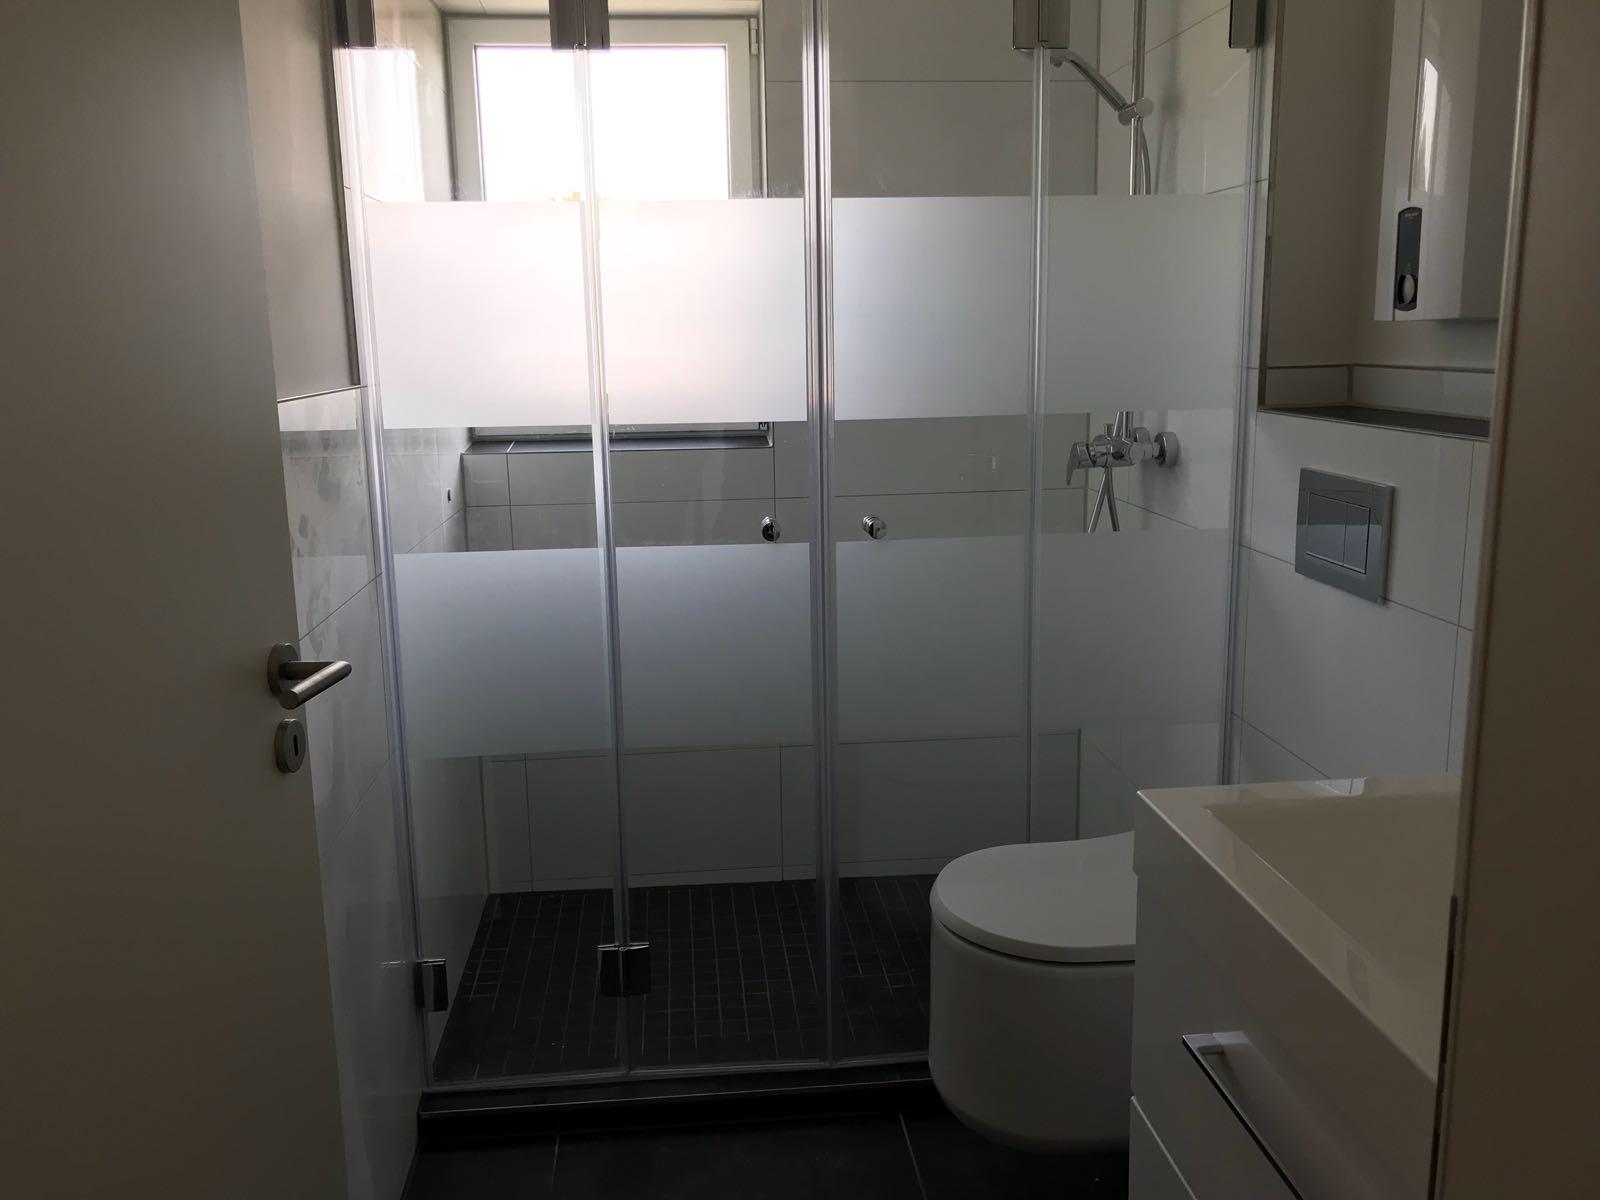 Farfalla Dusche 2 Doppeltüren 180° zum wegfalten Glaselemente komplett zum wegfalten mit Folierung. Individuelle Lösung für Ihr Bad.